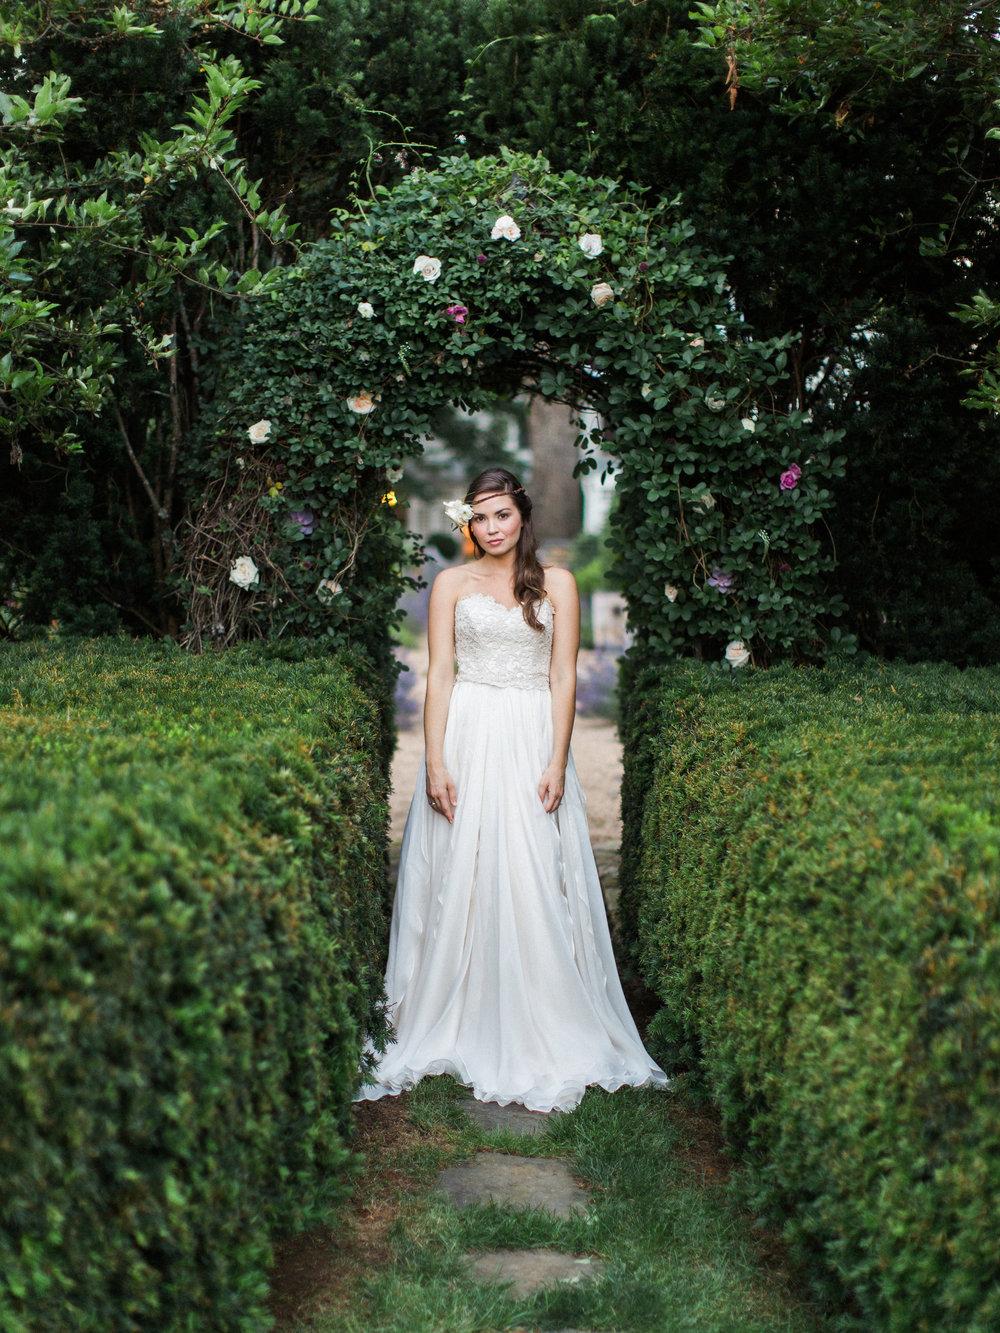 enchanted_garden155.JPG